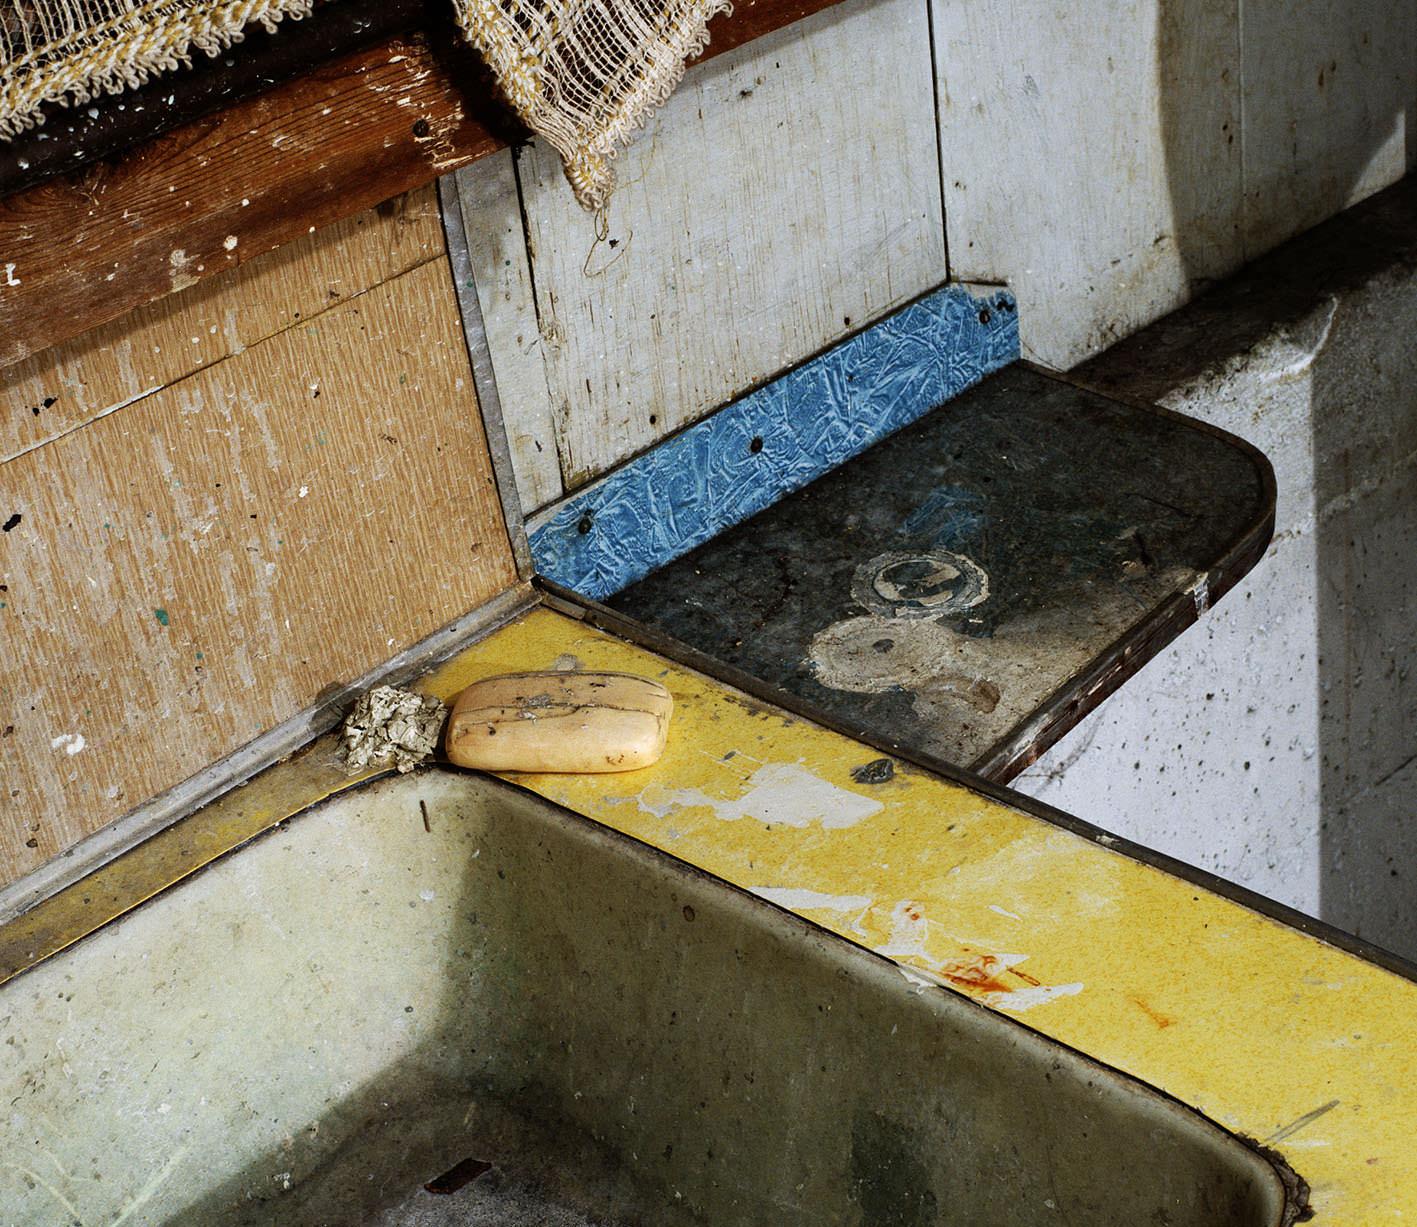 Diagonal Composition, 1993 Transparent dans caisson lumineux  ExpositionSmaller Pictures, du 9 septembre au 20 décembre 2015 à la Fondation Henri Cartier-Bresson www.henricartierbresson.org